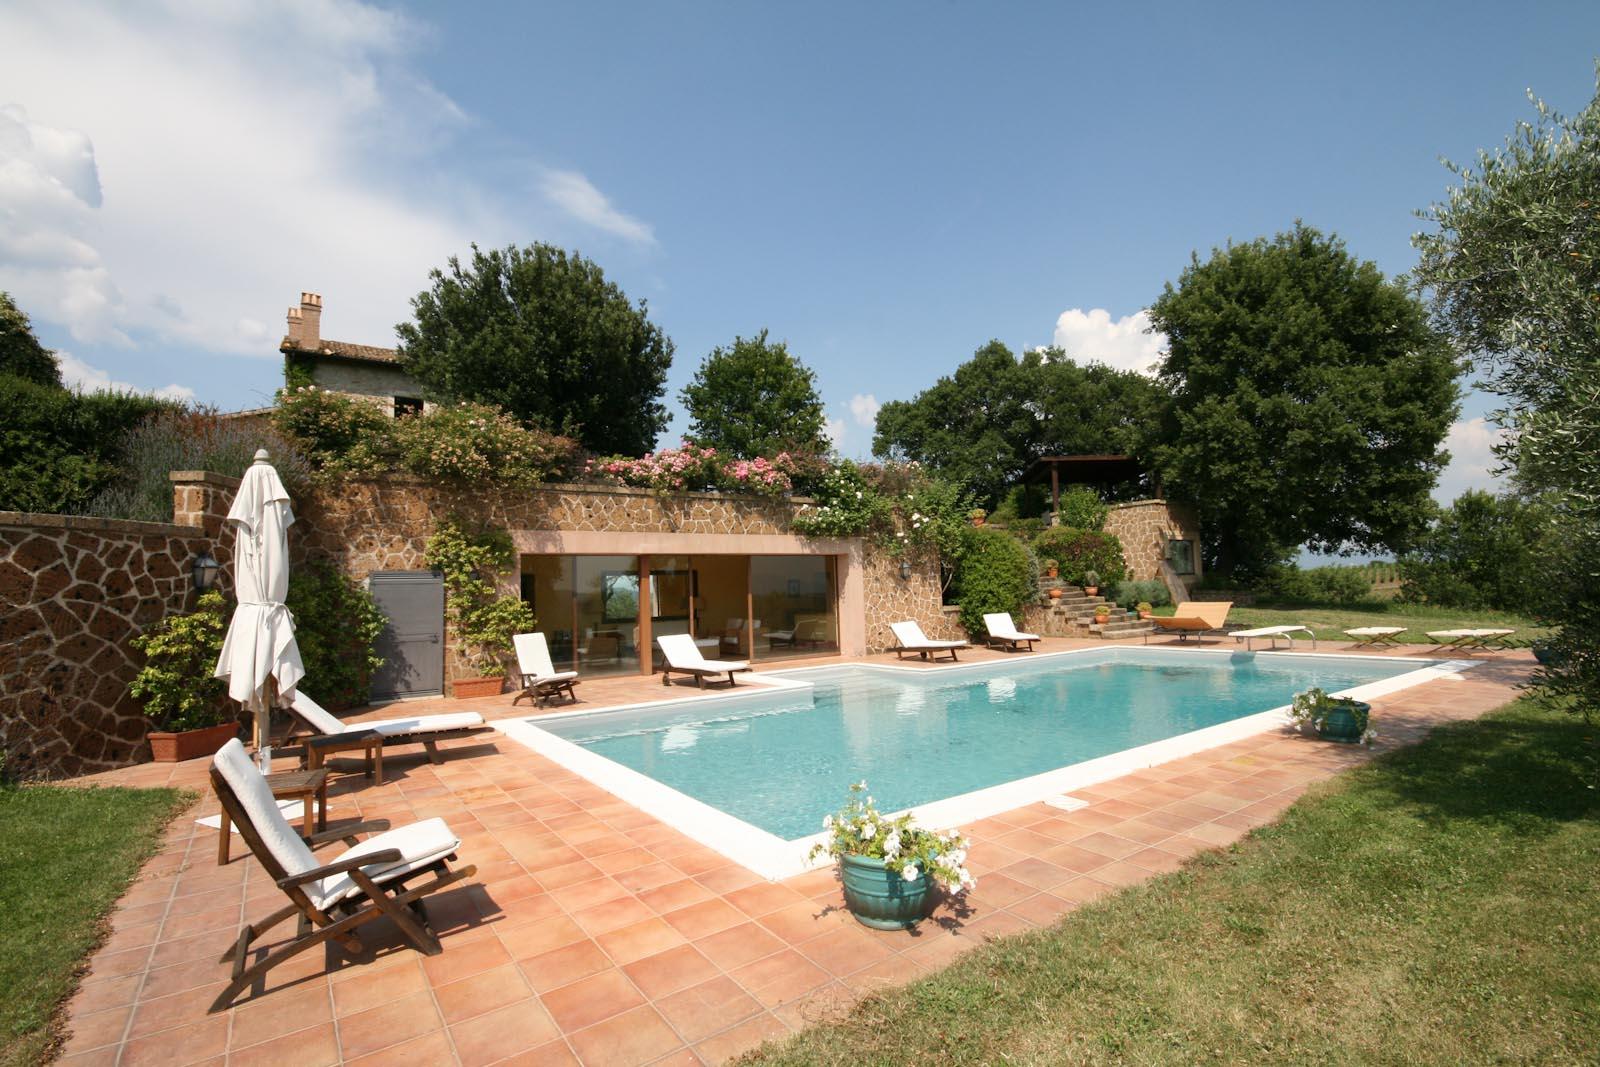 La bella piscina con l'ampio solarium e la casa di campagna in fondo